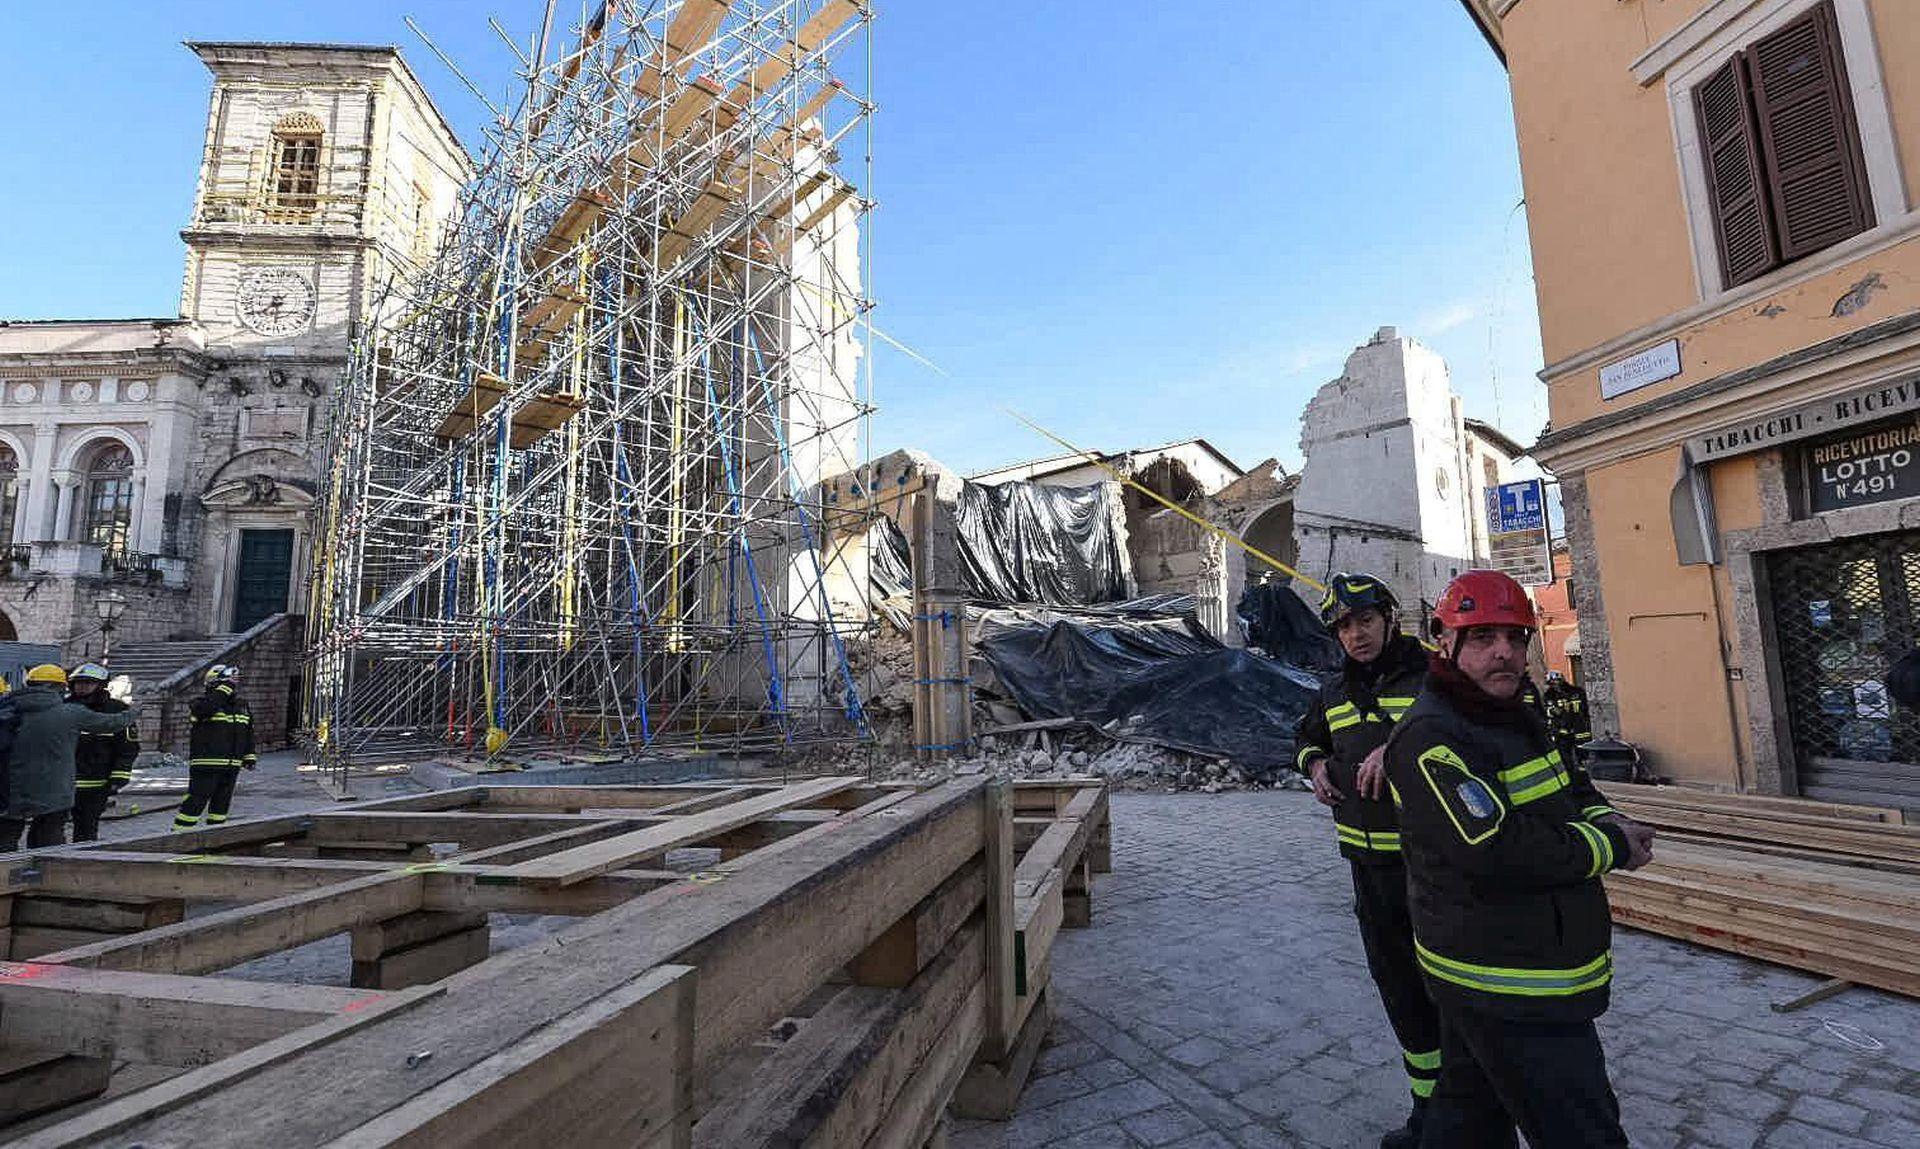 EVAKUIRANA PODZEMNA ŽELJEZNICA: Tri uzastopna potresa u središnjoj Italiji